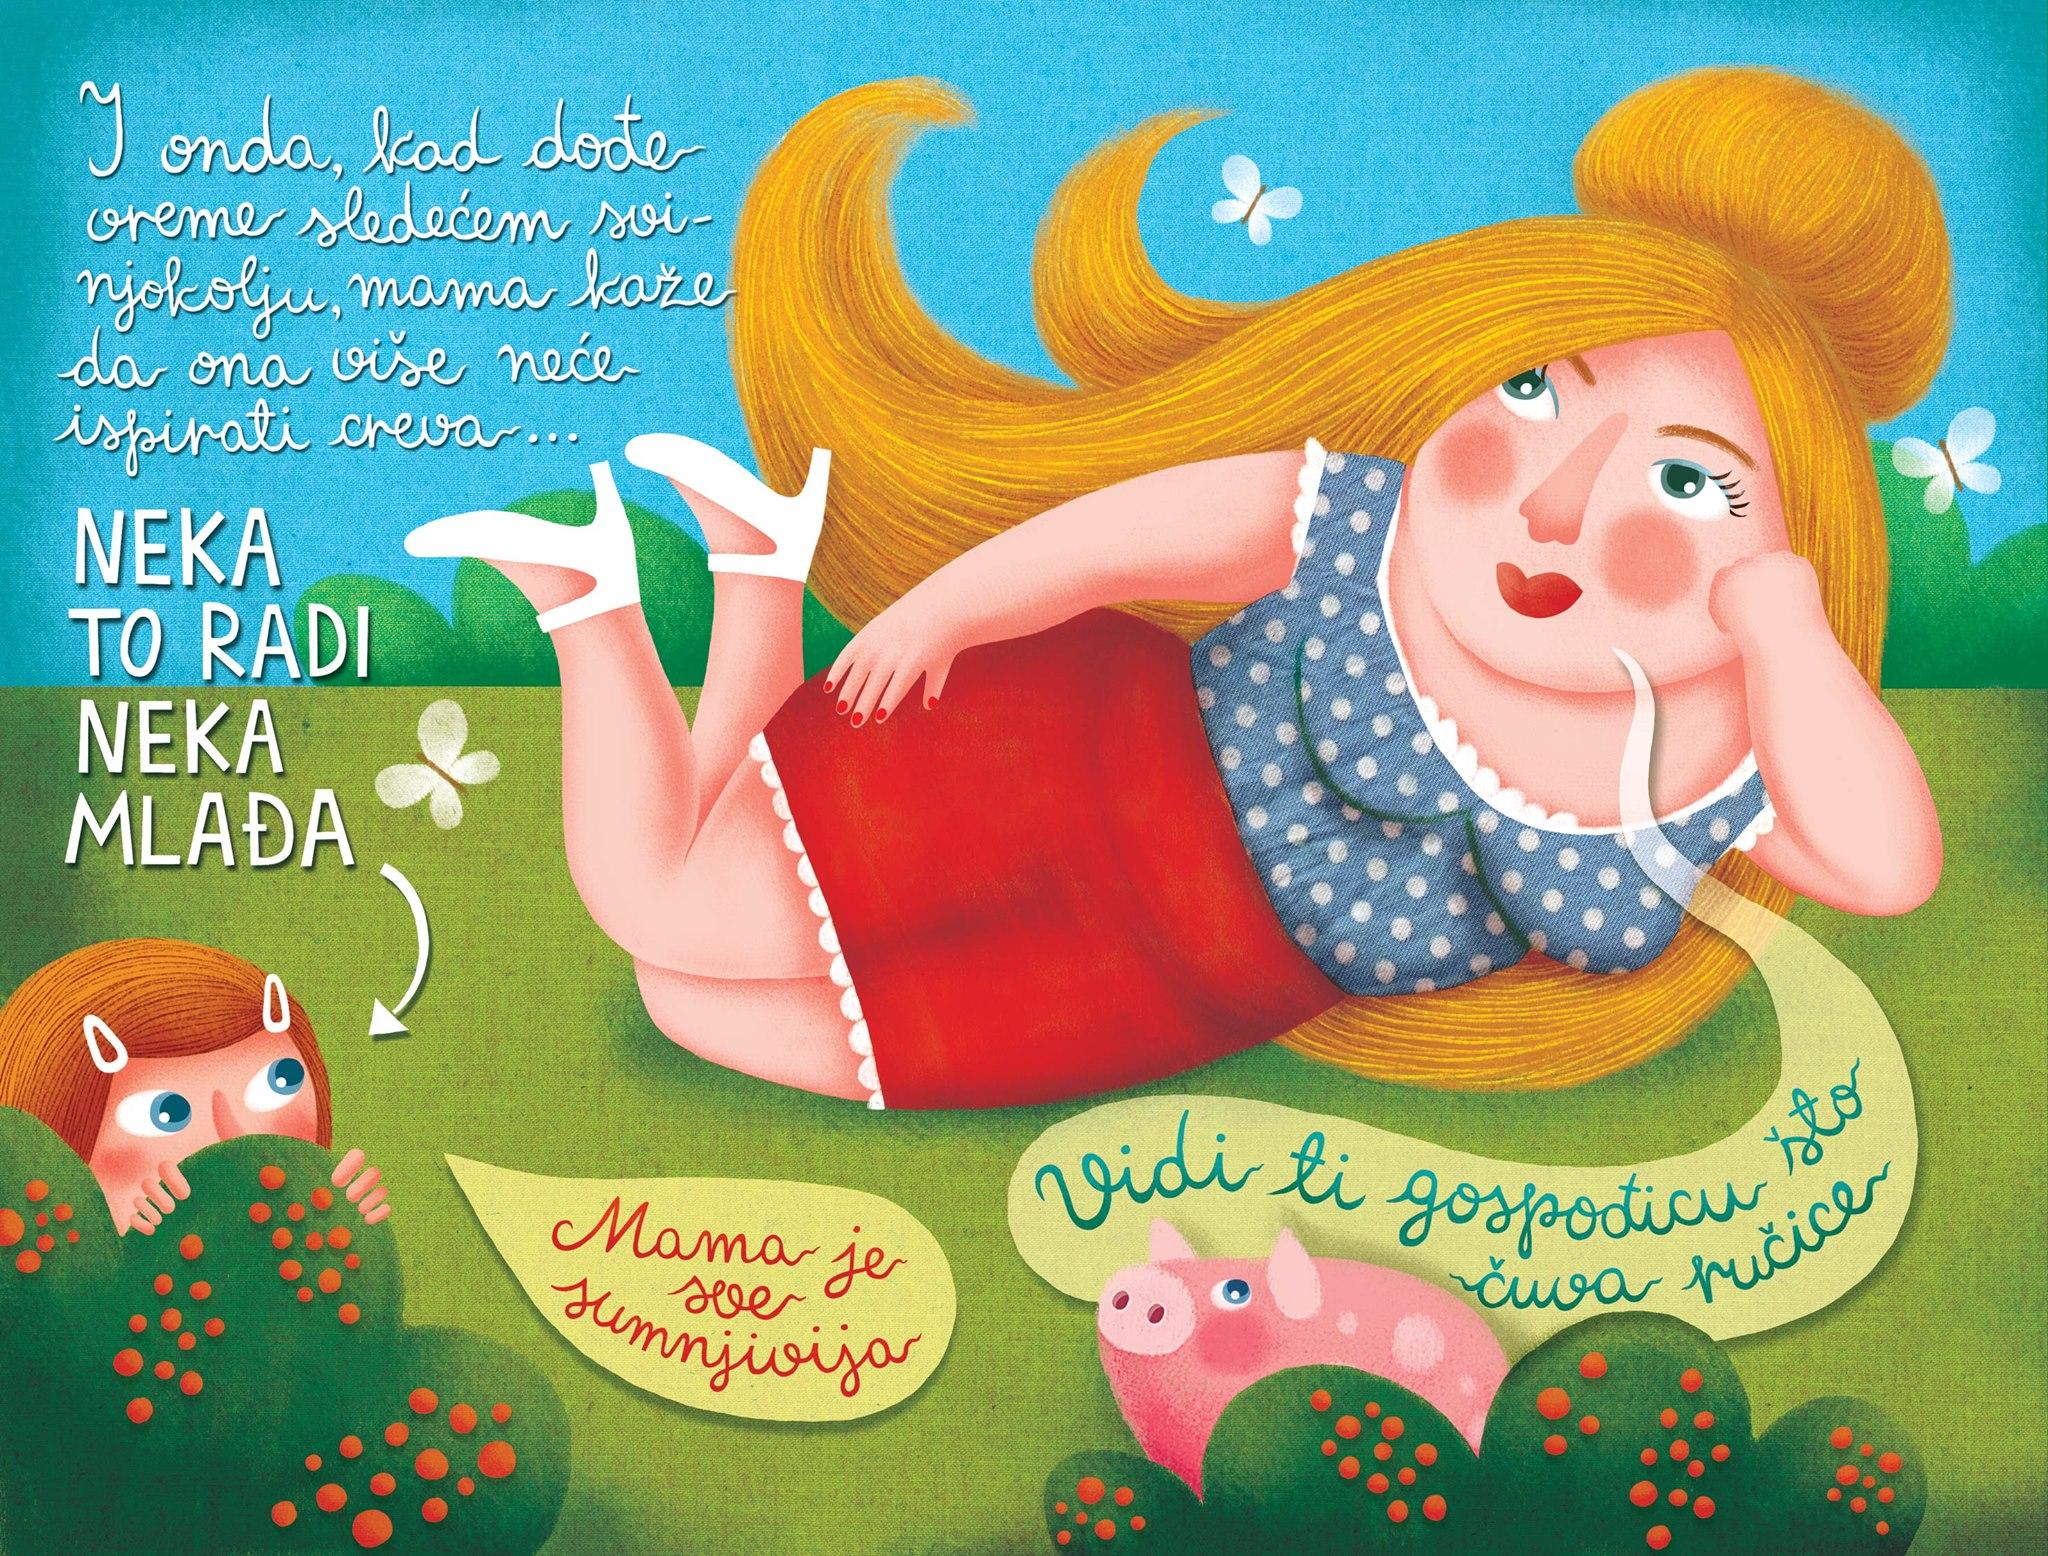 O, a ribiszke! c kisprozamnak kepregenyes valtozata_Maja Veselinovic belgradi kepzomuvesz munkaja 4.jpg